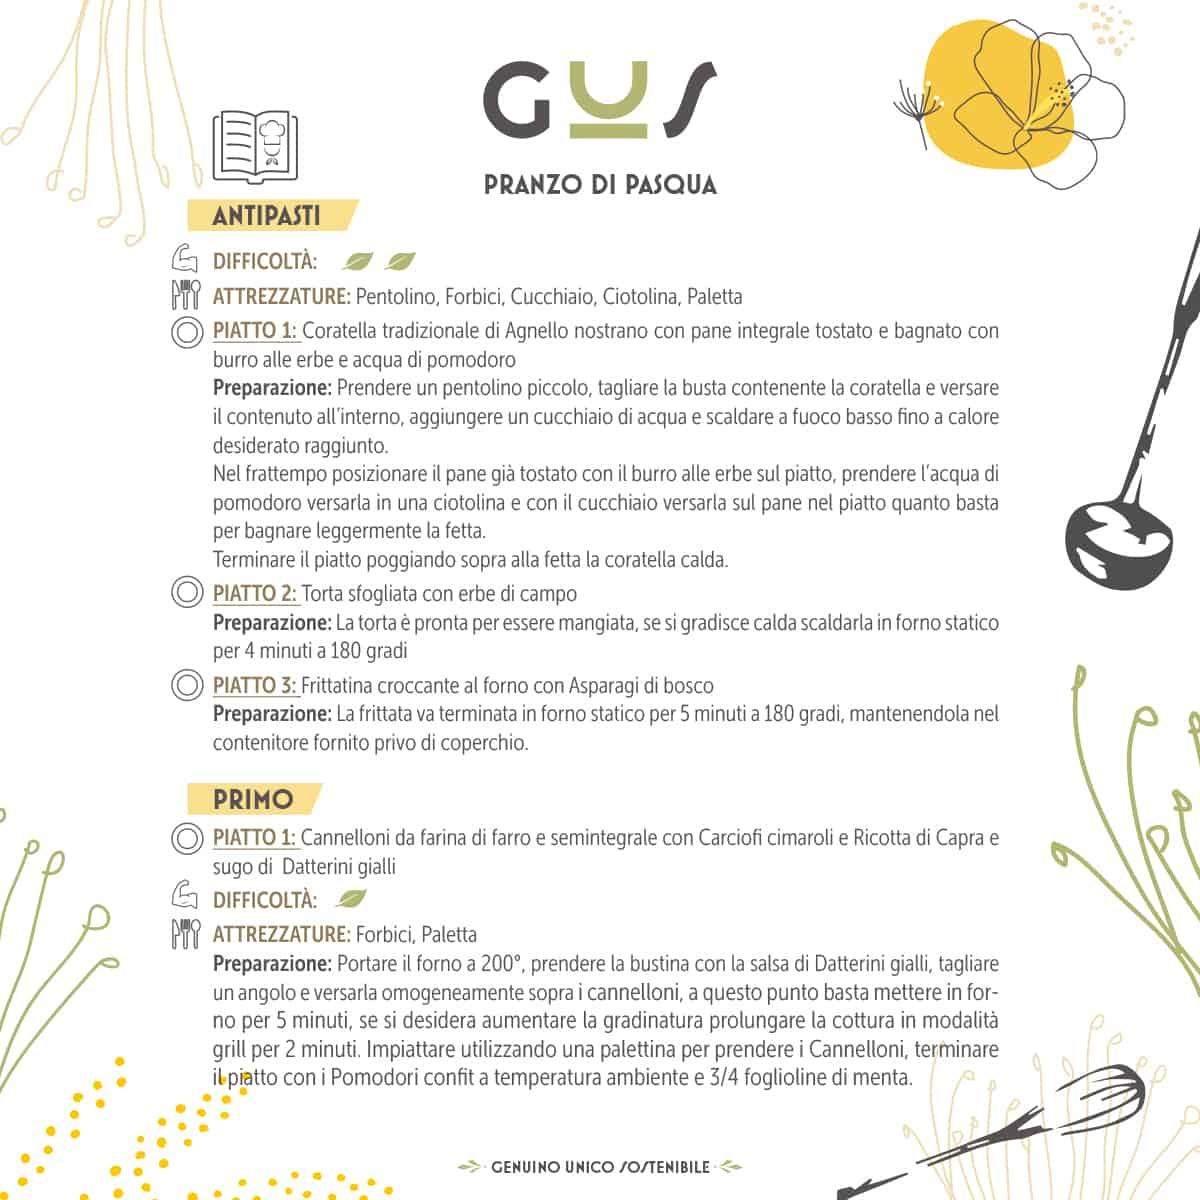 Cartolina Gus Pasqua Q 1